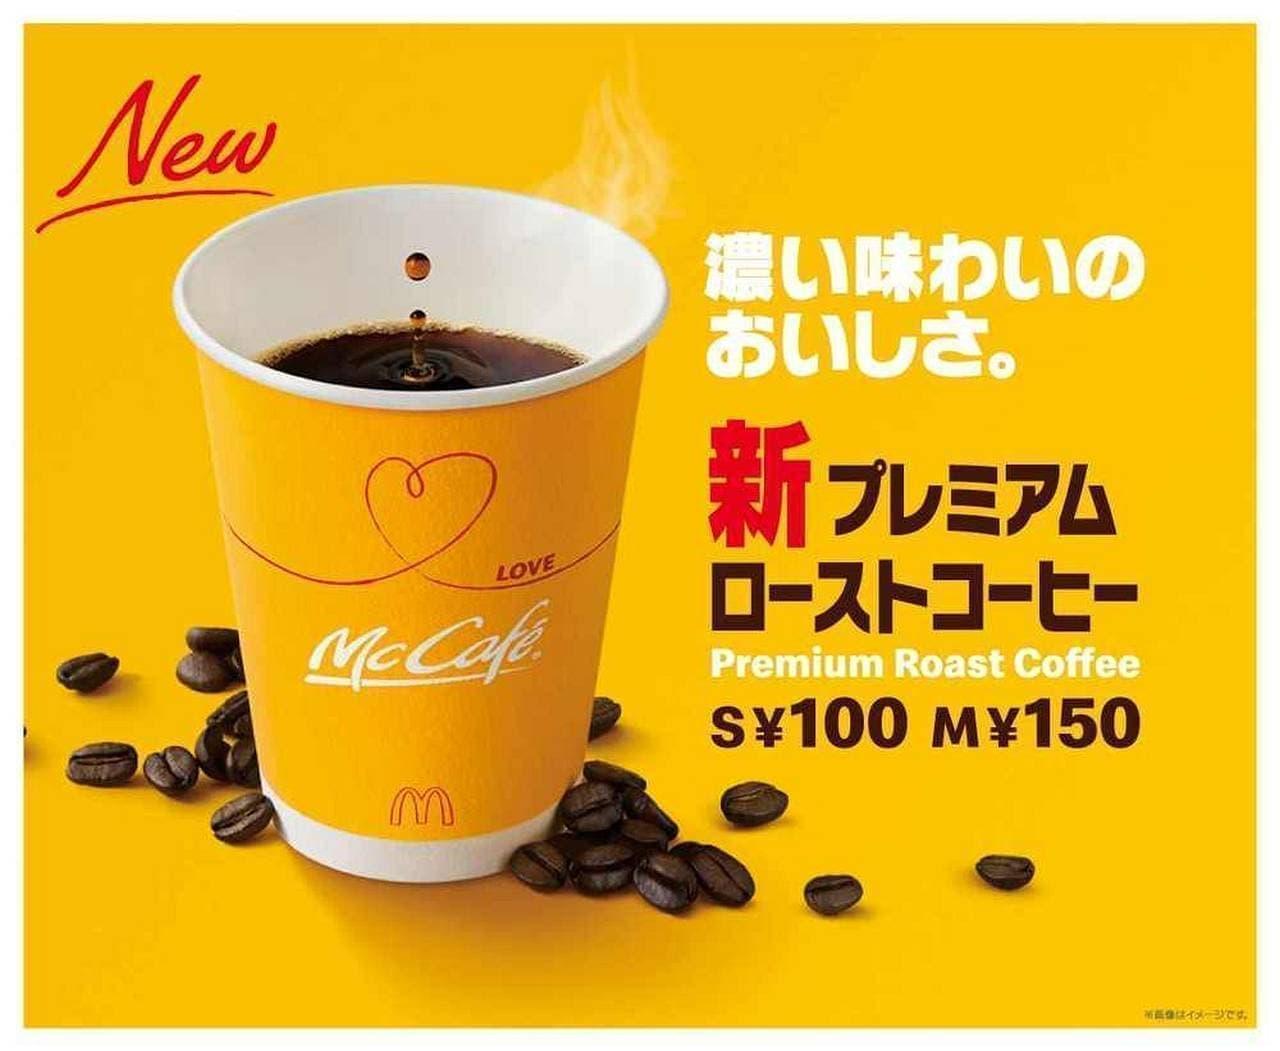 マクドナルドの「プレミアムローストコーヒー」